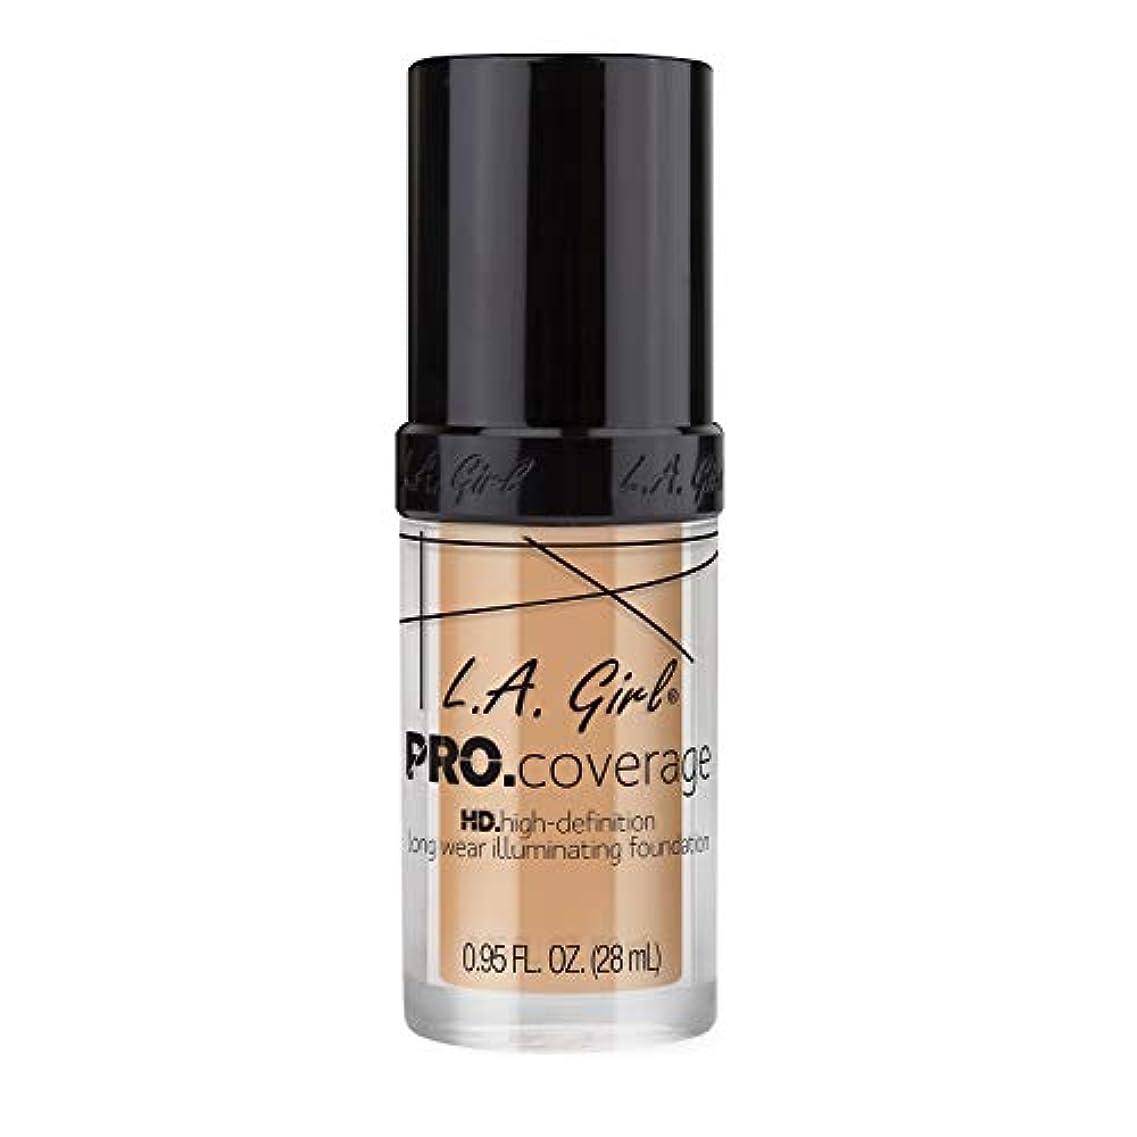 アサート恨み約海外直送品 L.A. Girl Pro Coverage Liquid Foundation 28ml, Natural